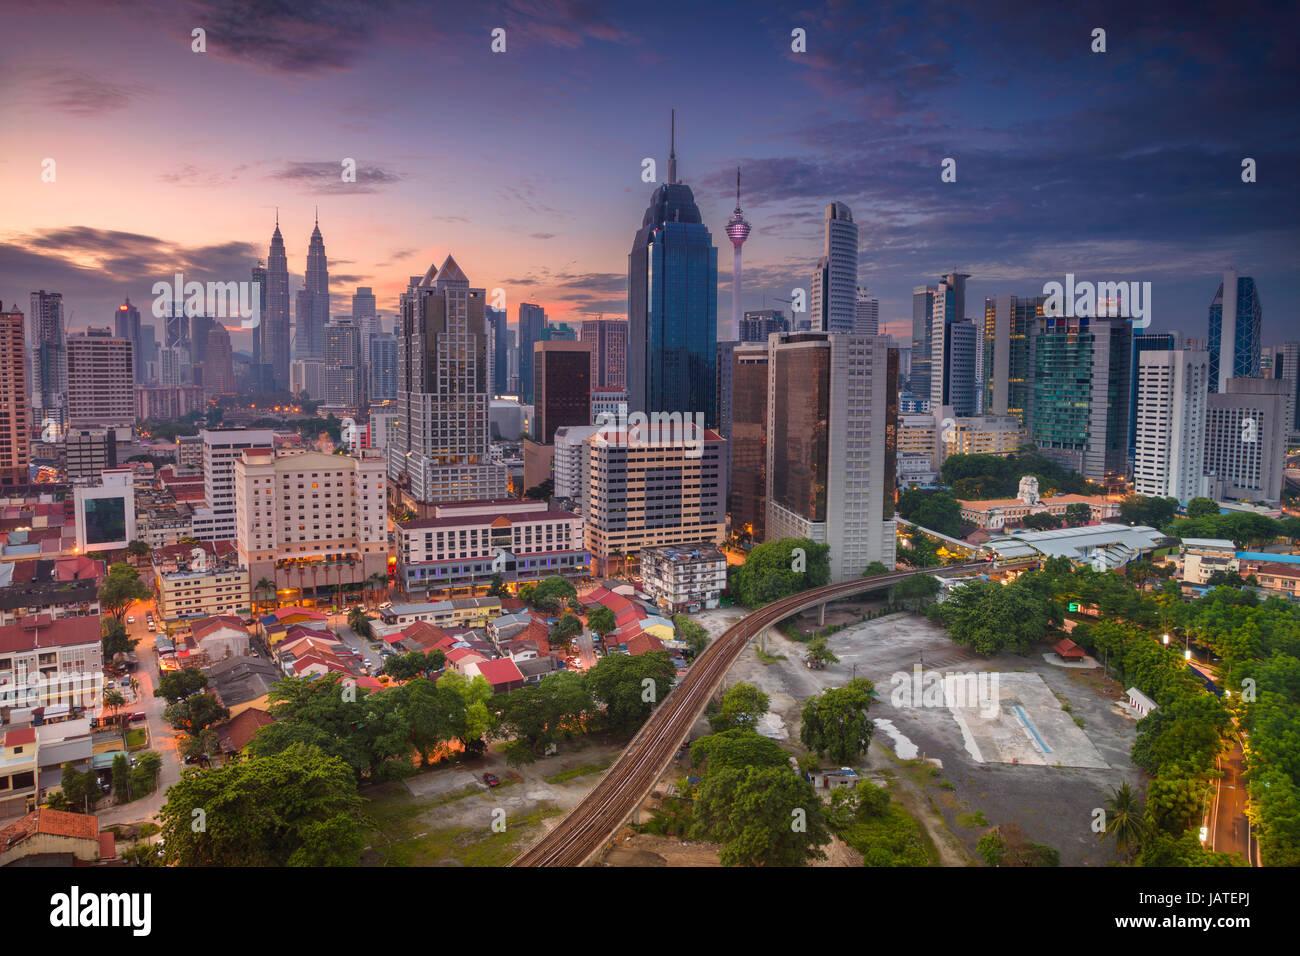 Kuala Lumpur. Immagine di paesaggio cittadino di Kuala Lumpur in Malesia durante il sunrise. Immagini Stock